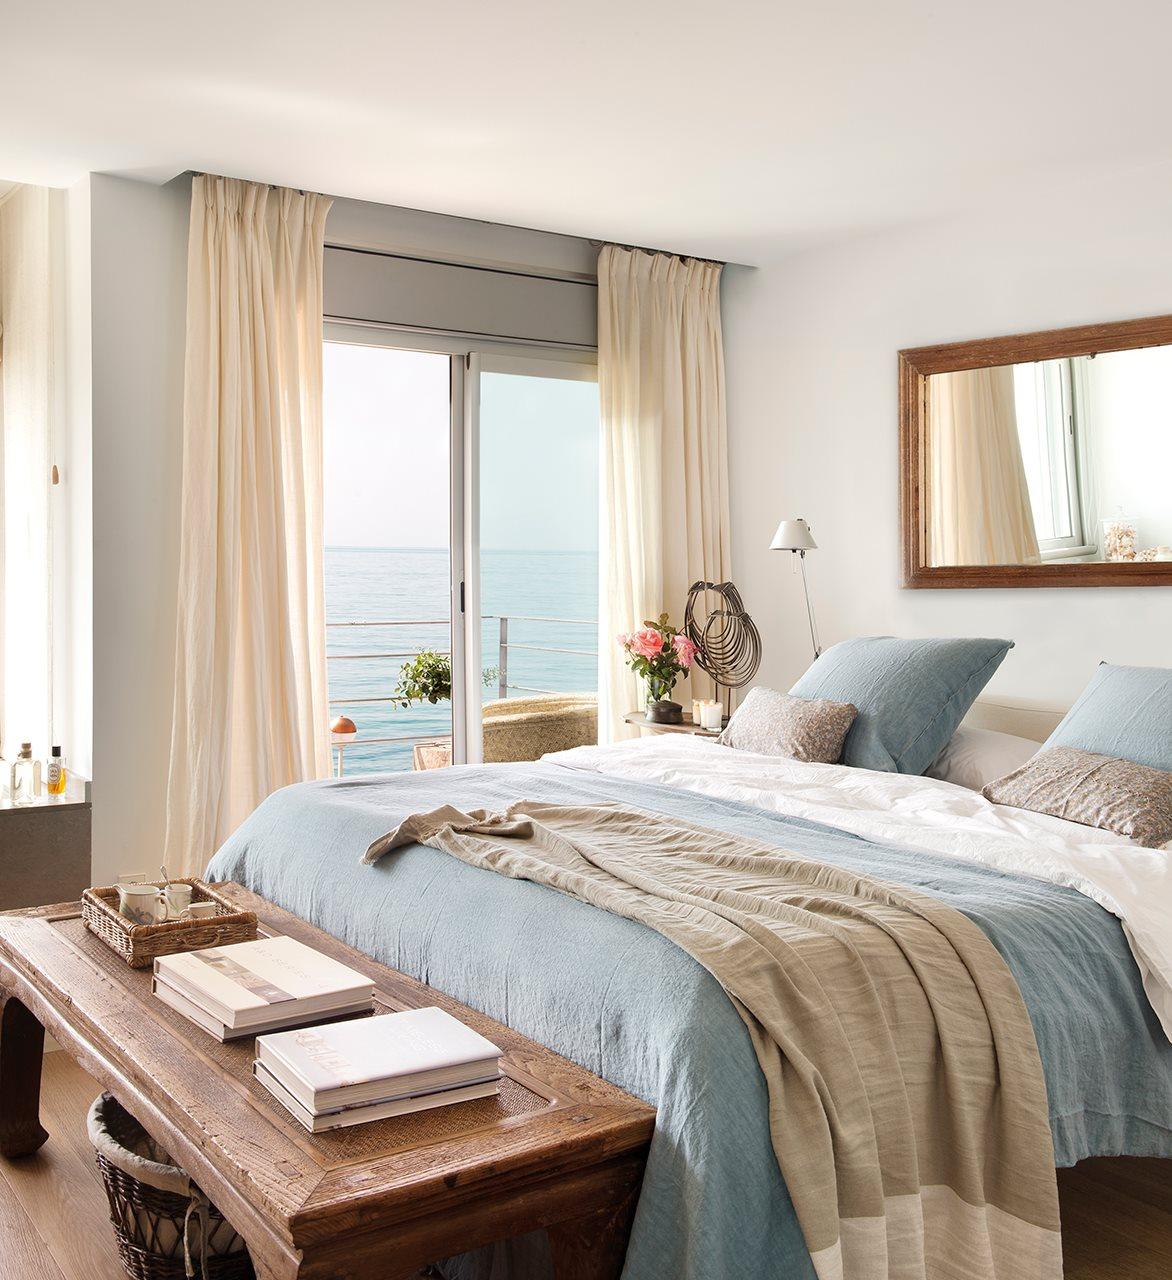 Una casa d plex con vistas al mar para un verano inolvidable for Decoracion de interiores dormitorios